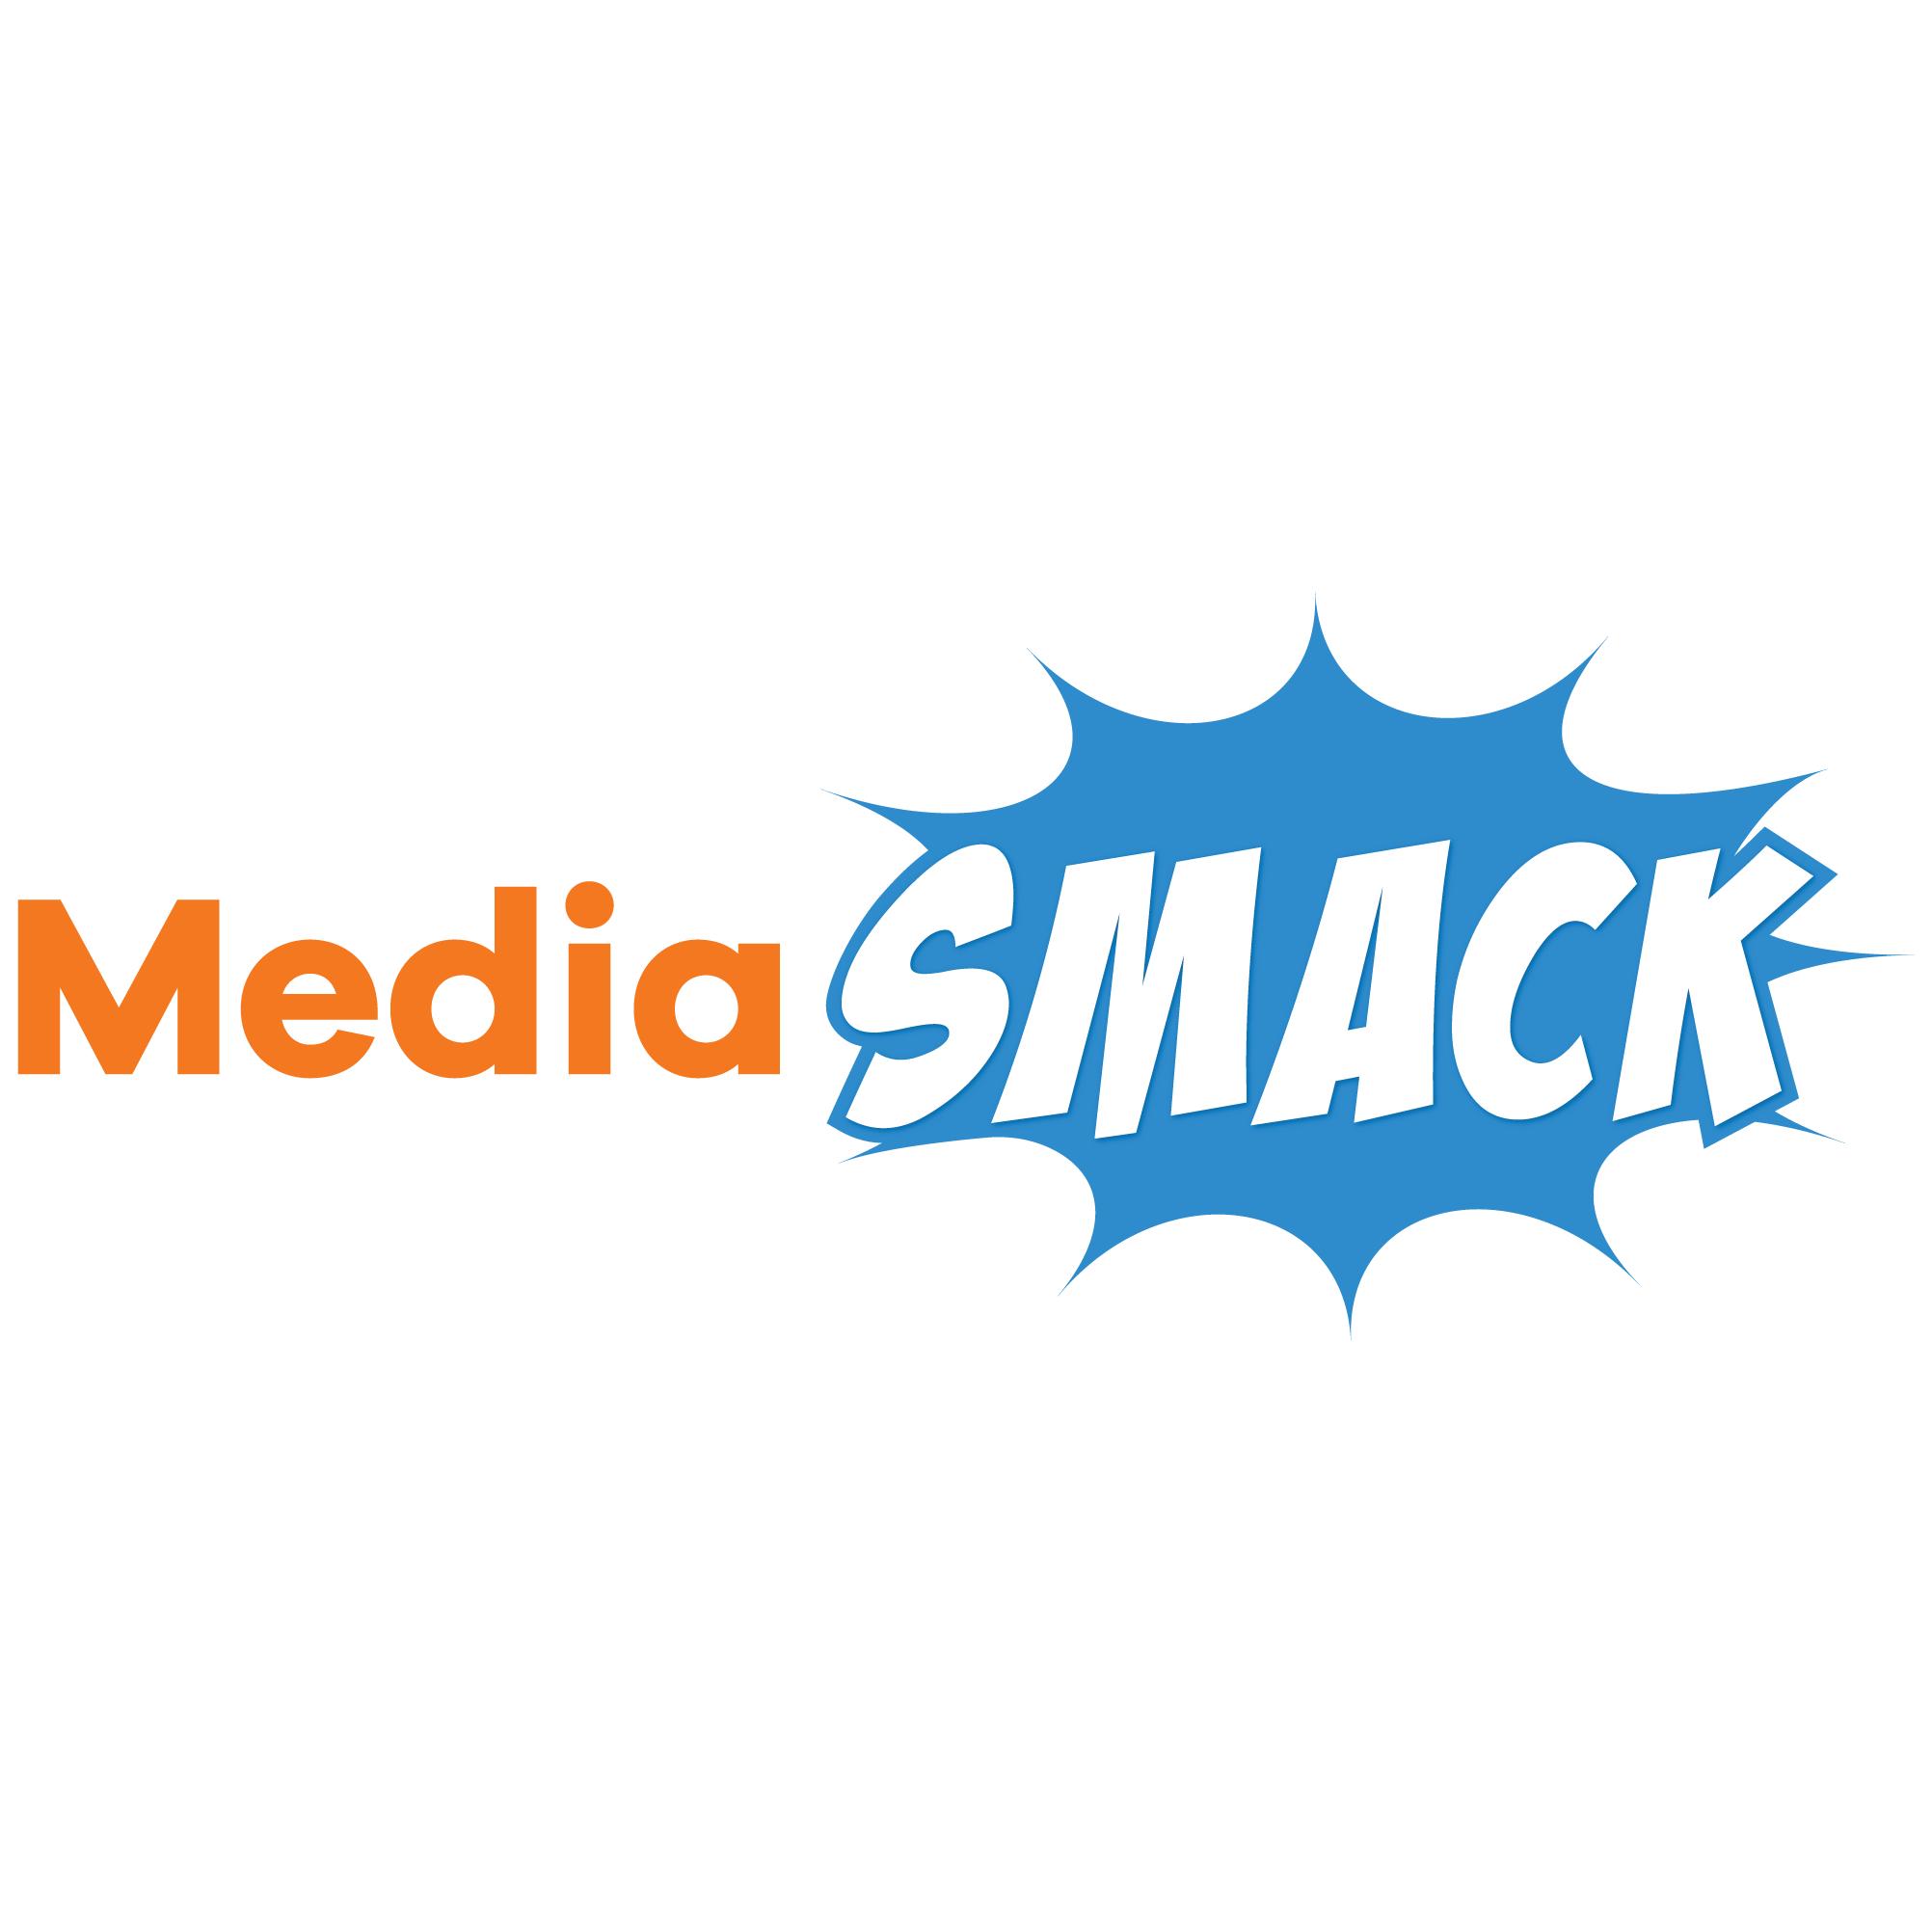 Media Smack